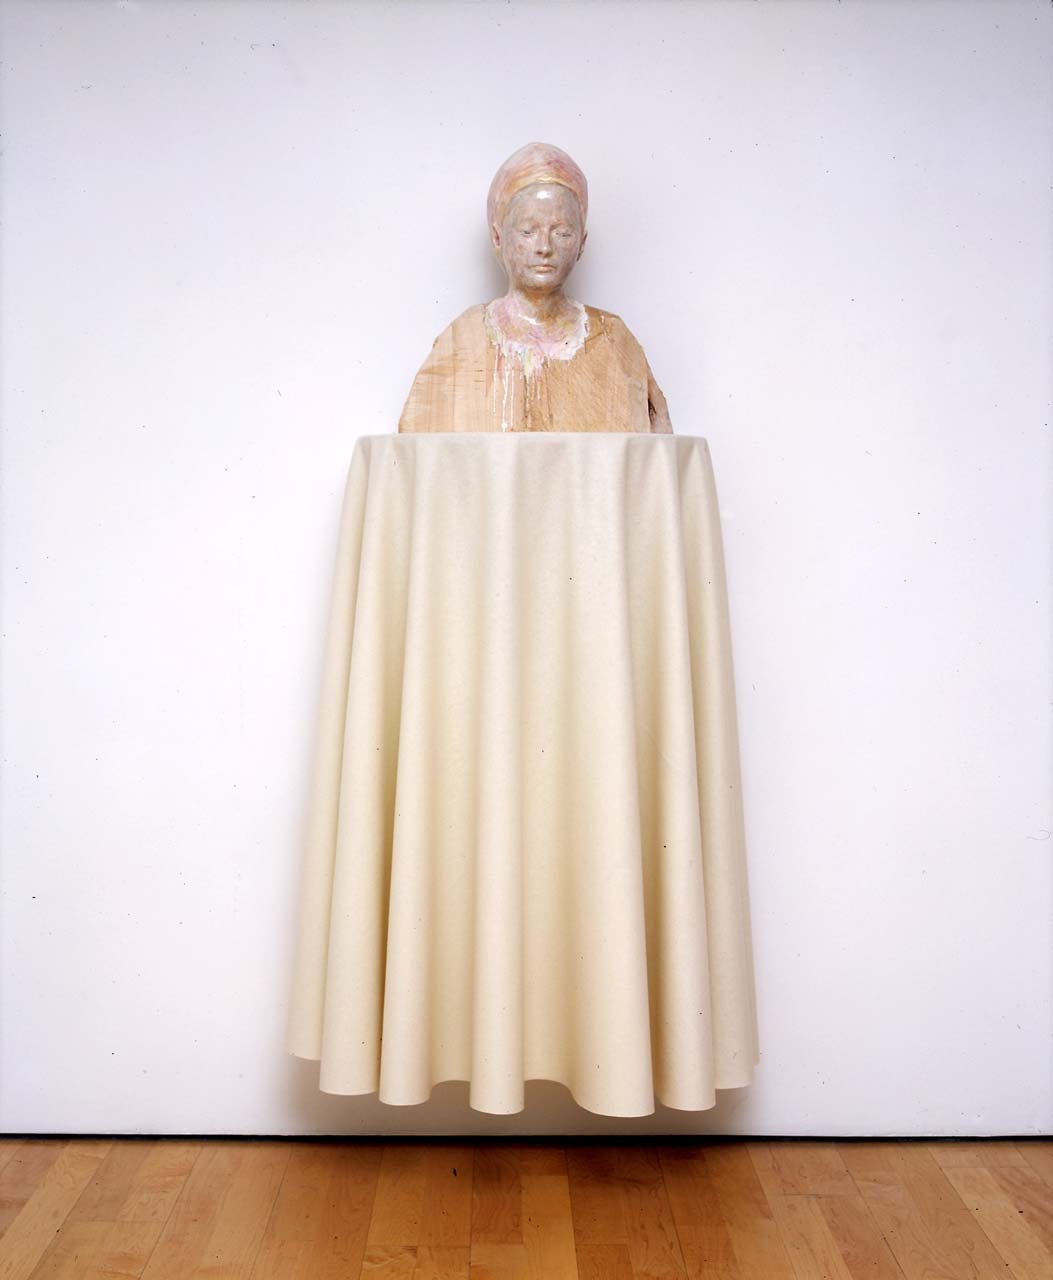 """<div class=""""artwork_caption""""><p>Kopfportrait, 2005</p></div>"""